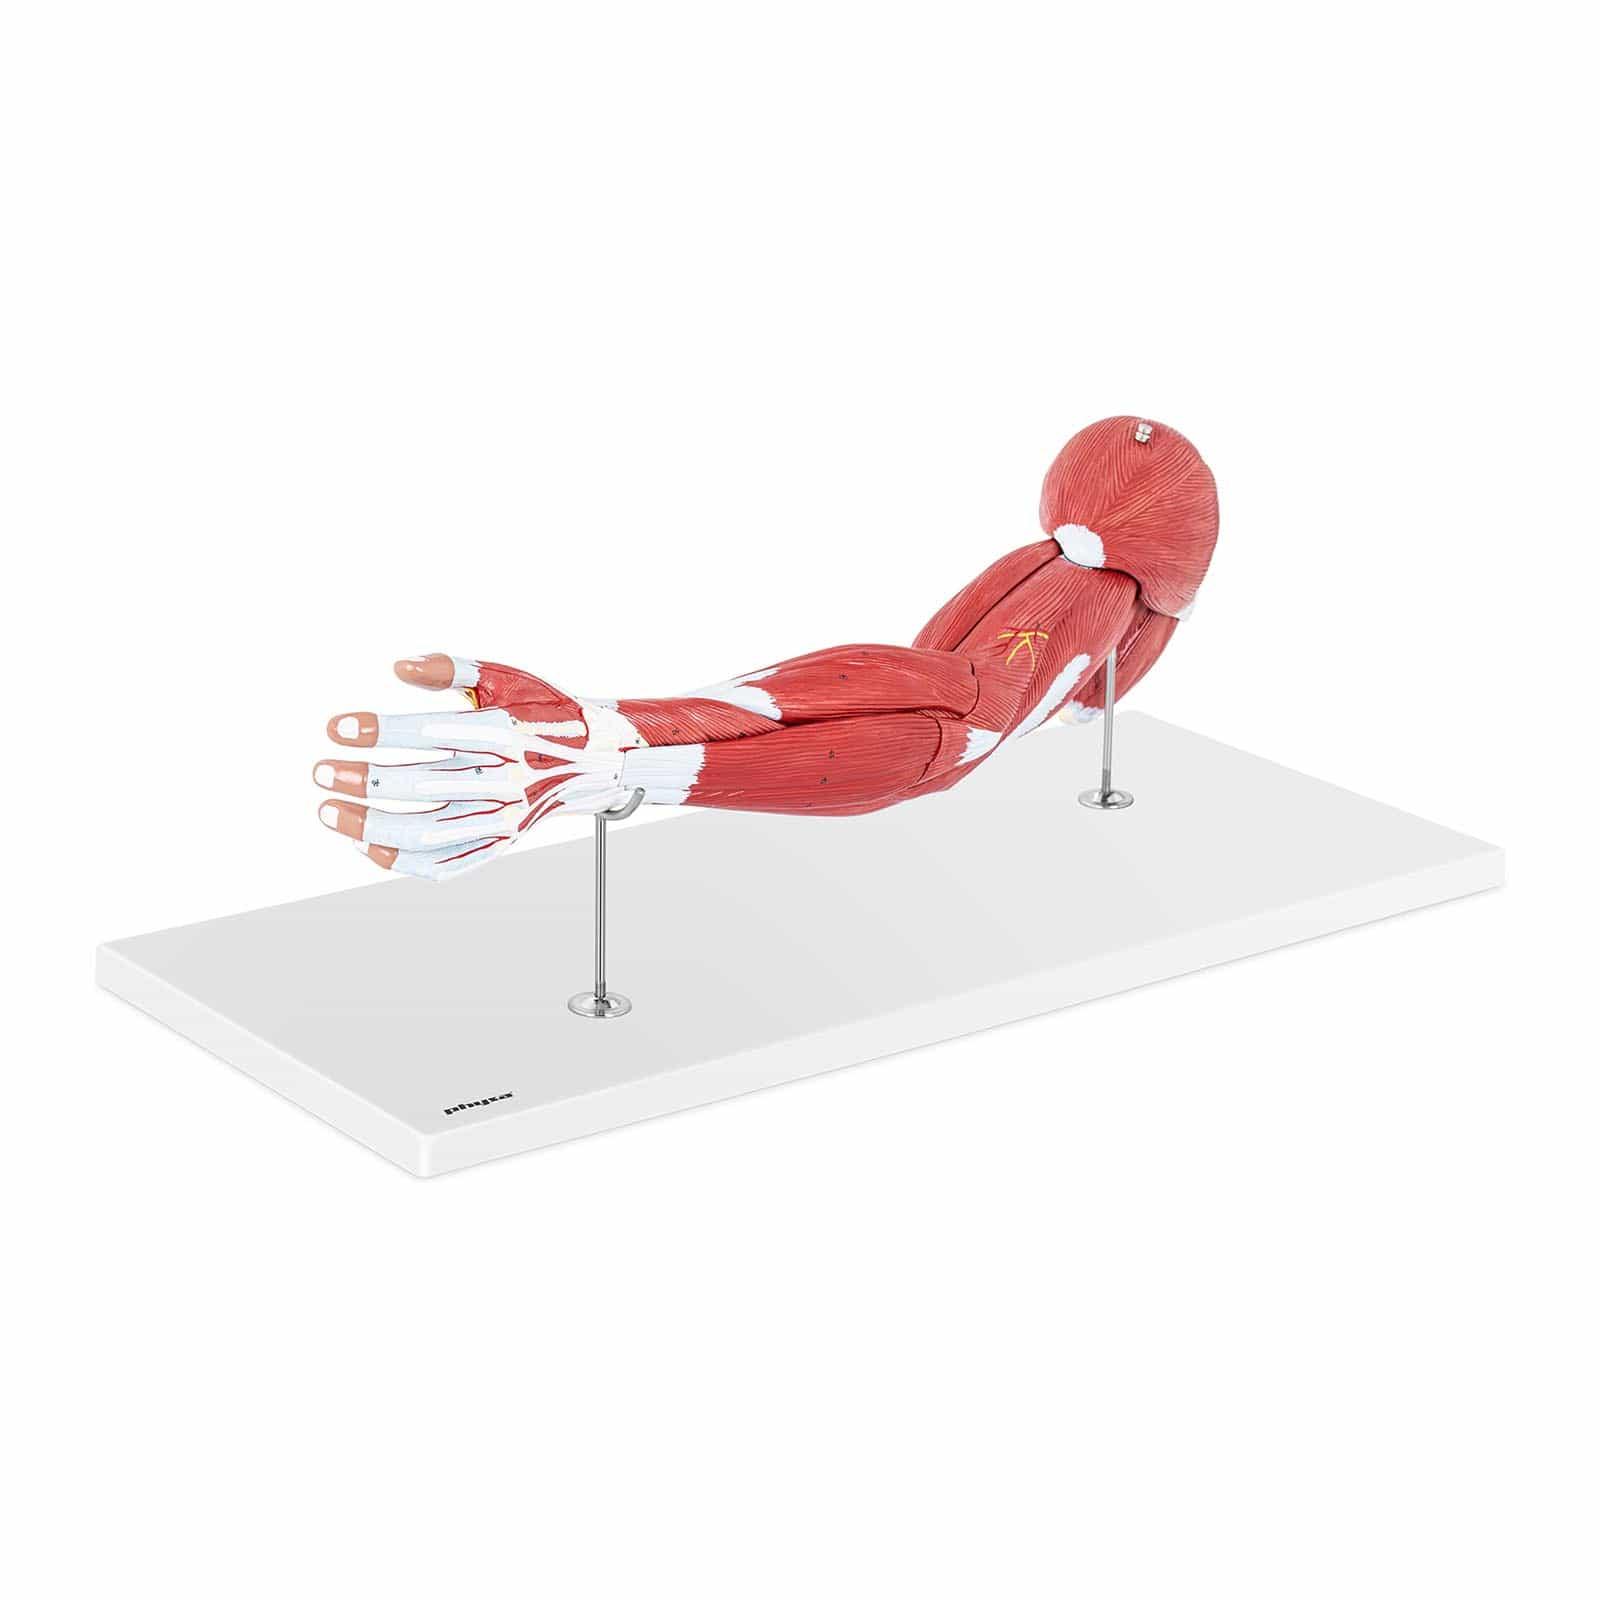 Ramię - model anatomiczny